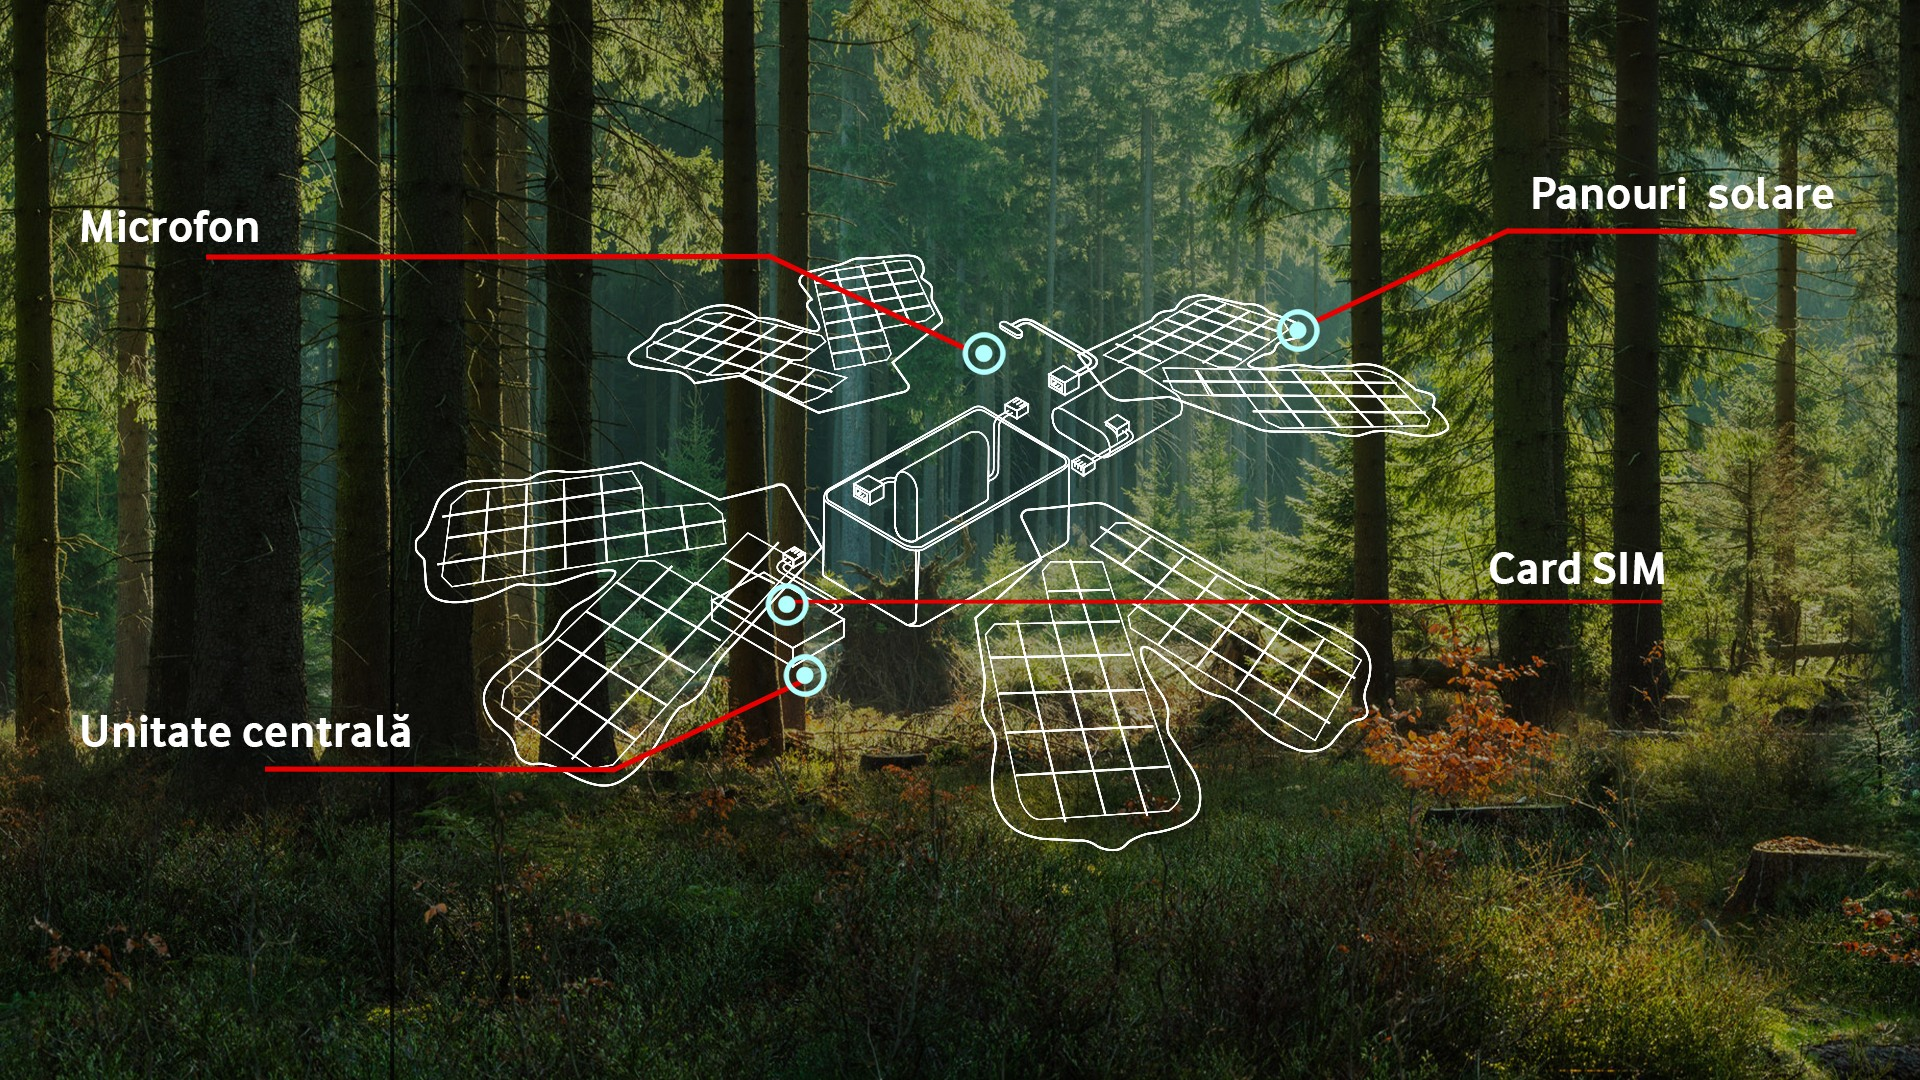 Soluția de pădure inteligentă implementată de Vodafone are la bază sistemul dezvoltat de start-up-ul non profit Rainforest Connection. Sistemul comunică cu rețeaua Vodafone și constă într-o serie de dispozitive numite gardieni digitali, prevăzute cu senzori acustici care captează o gamă variată de sunete din mediul înconjurător